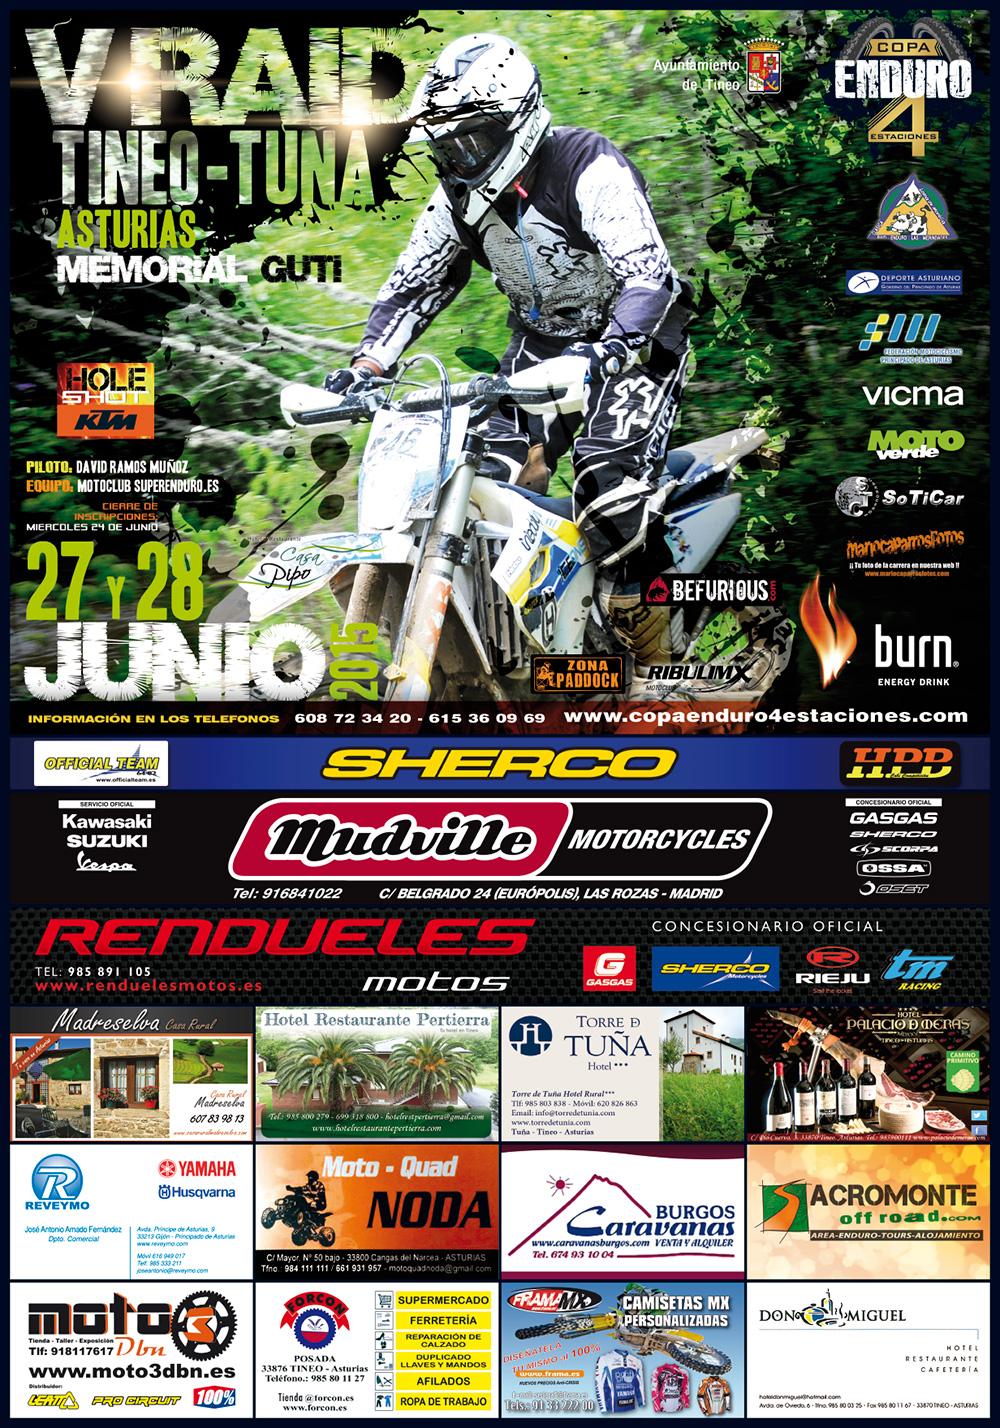 V Raid Tineo-Tuña 27 y 28 de junio (Asturias)